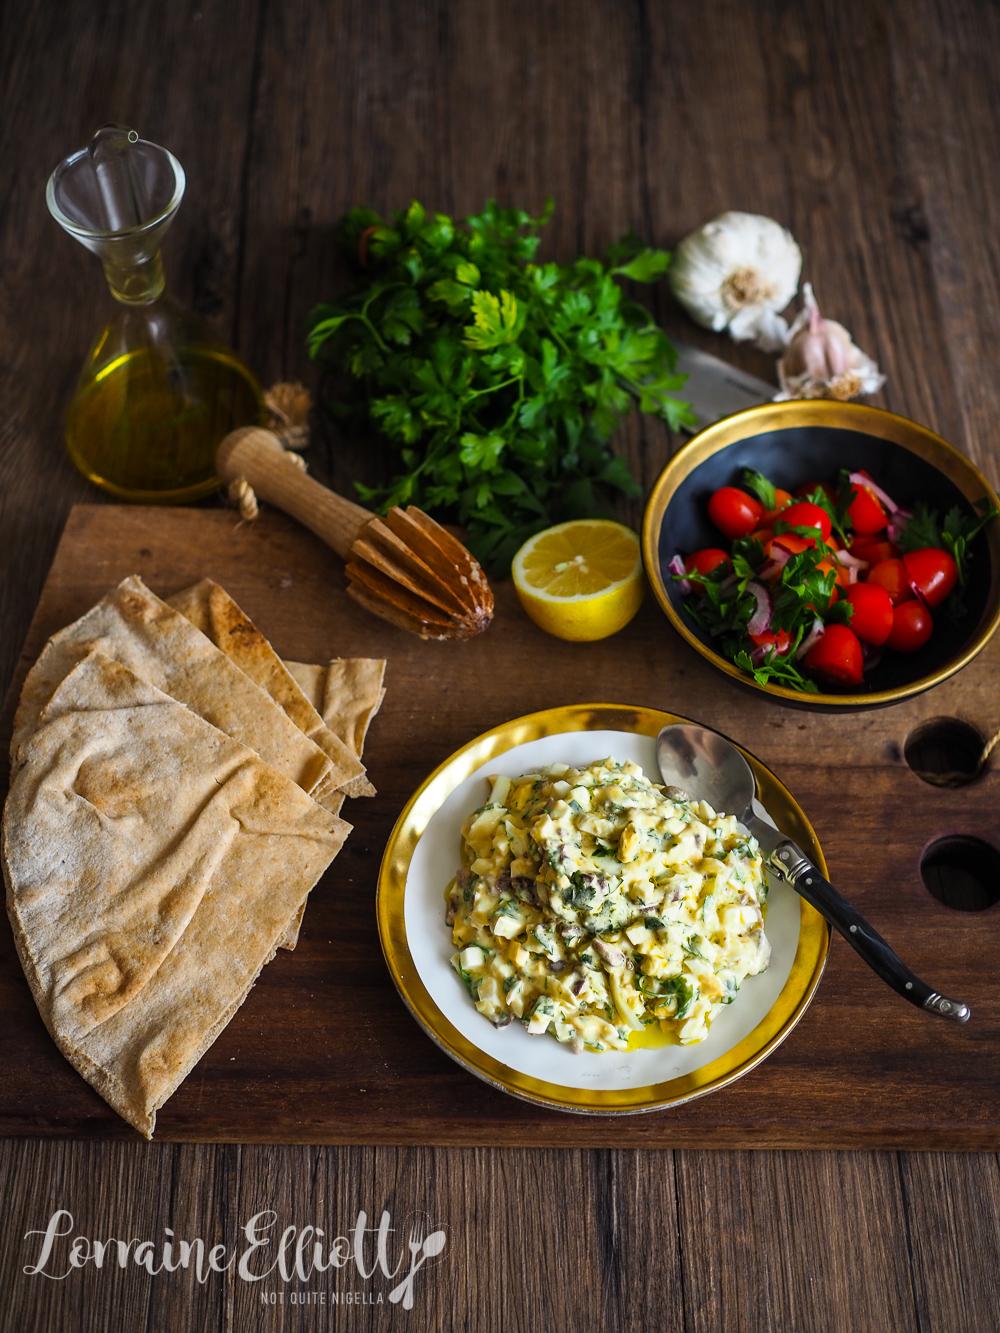 Moroccan Egg Salad